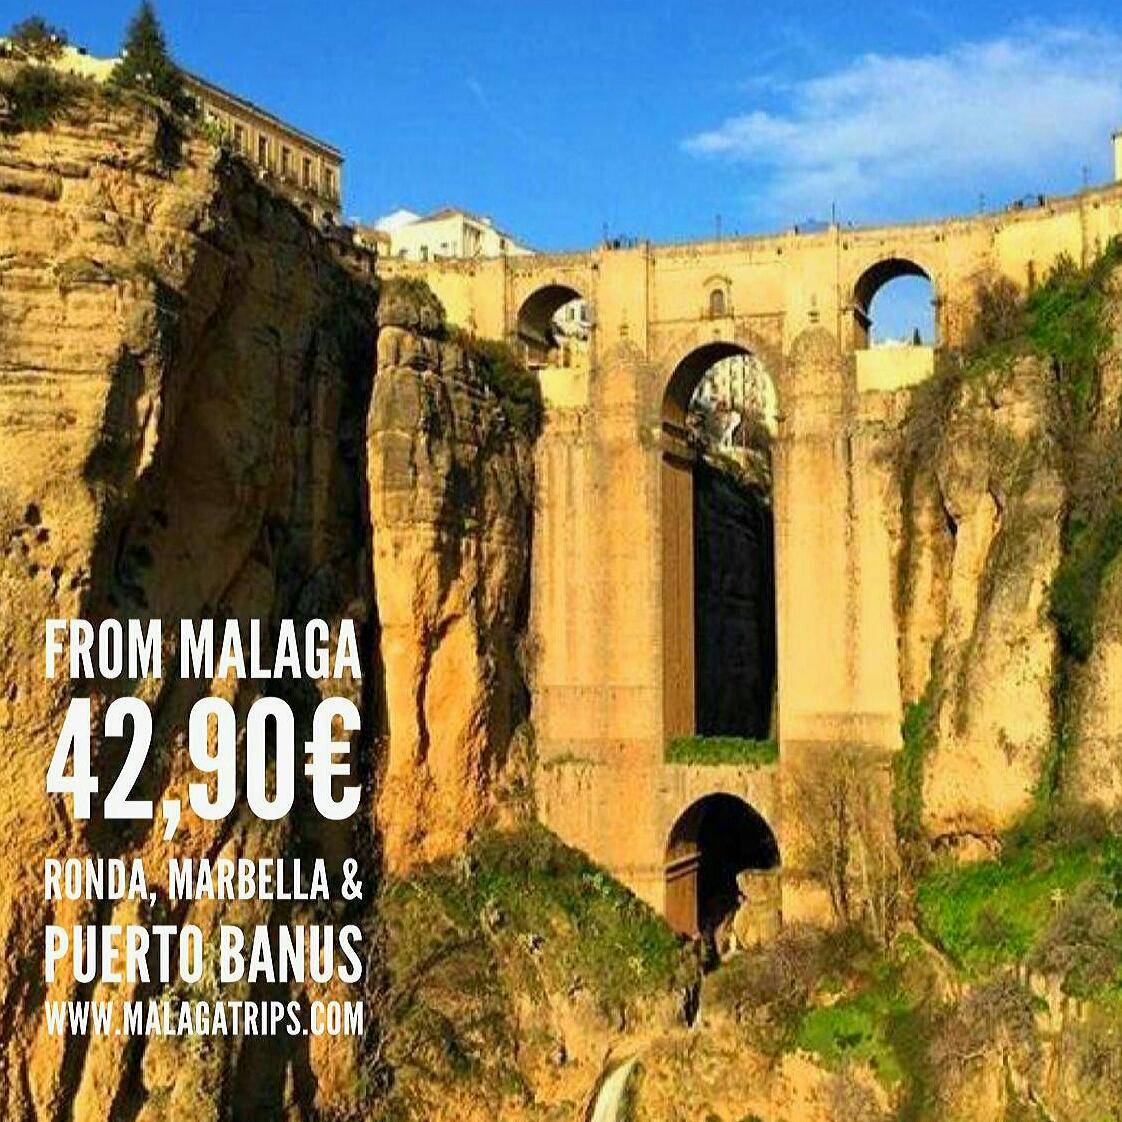 Excursión a Ronda, Marbella & Puerto Banús